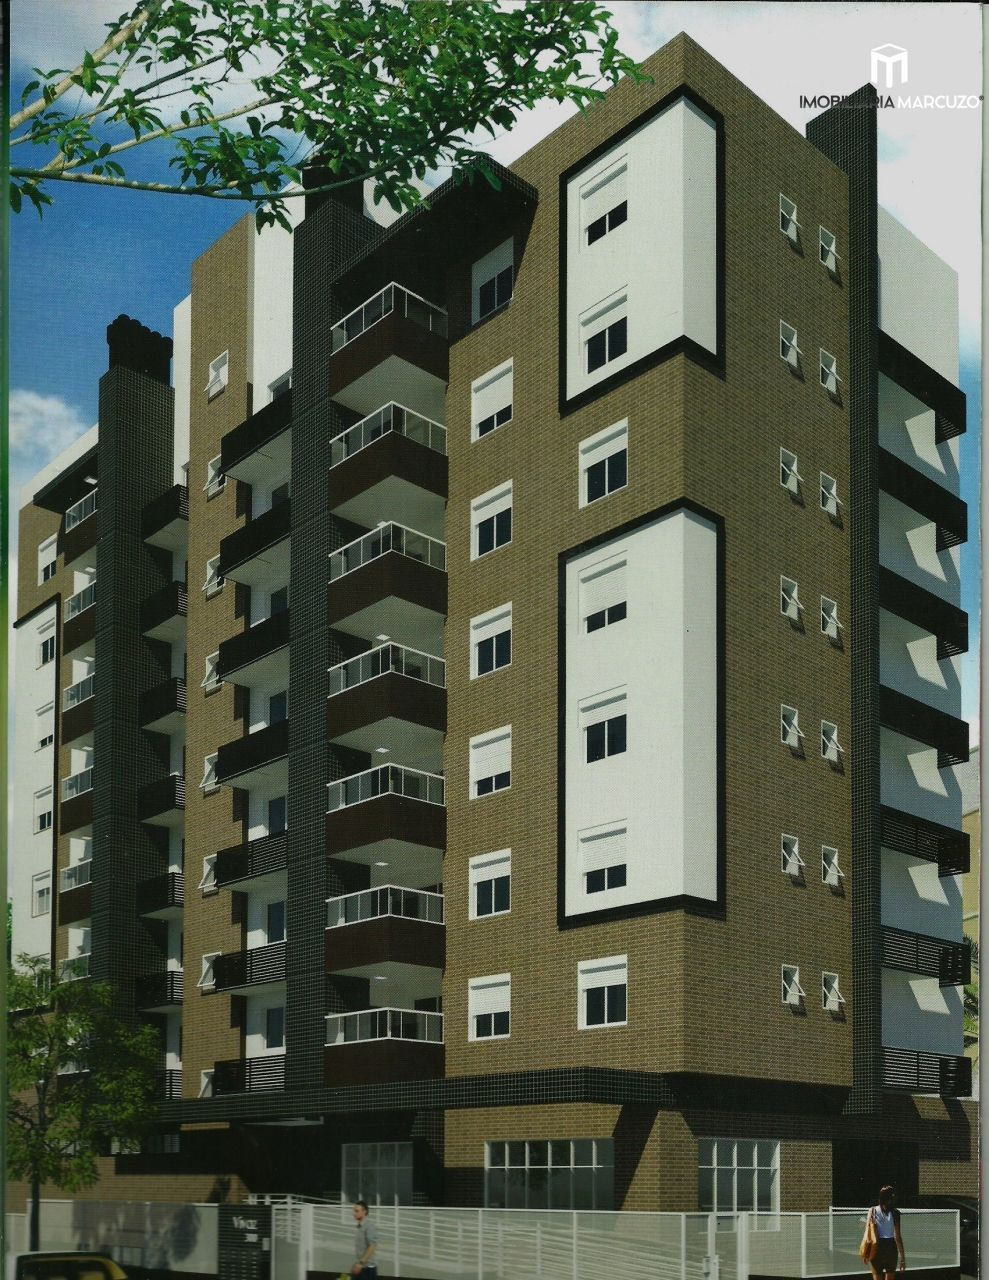 Apartamento com 2 Dormitórios à venda, 73 m² por R$ 424.000,00